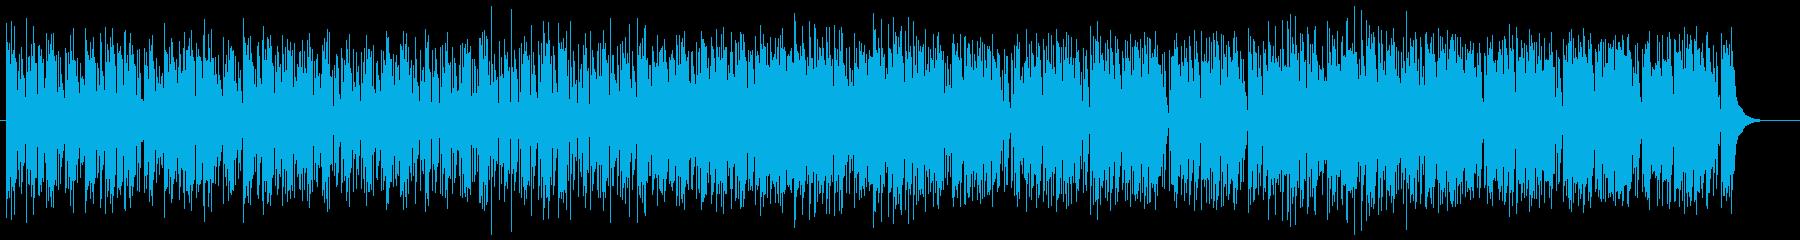 メルヘンで愛らしいポップサウンドの再生済みの波形